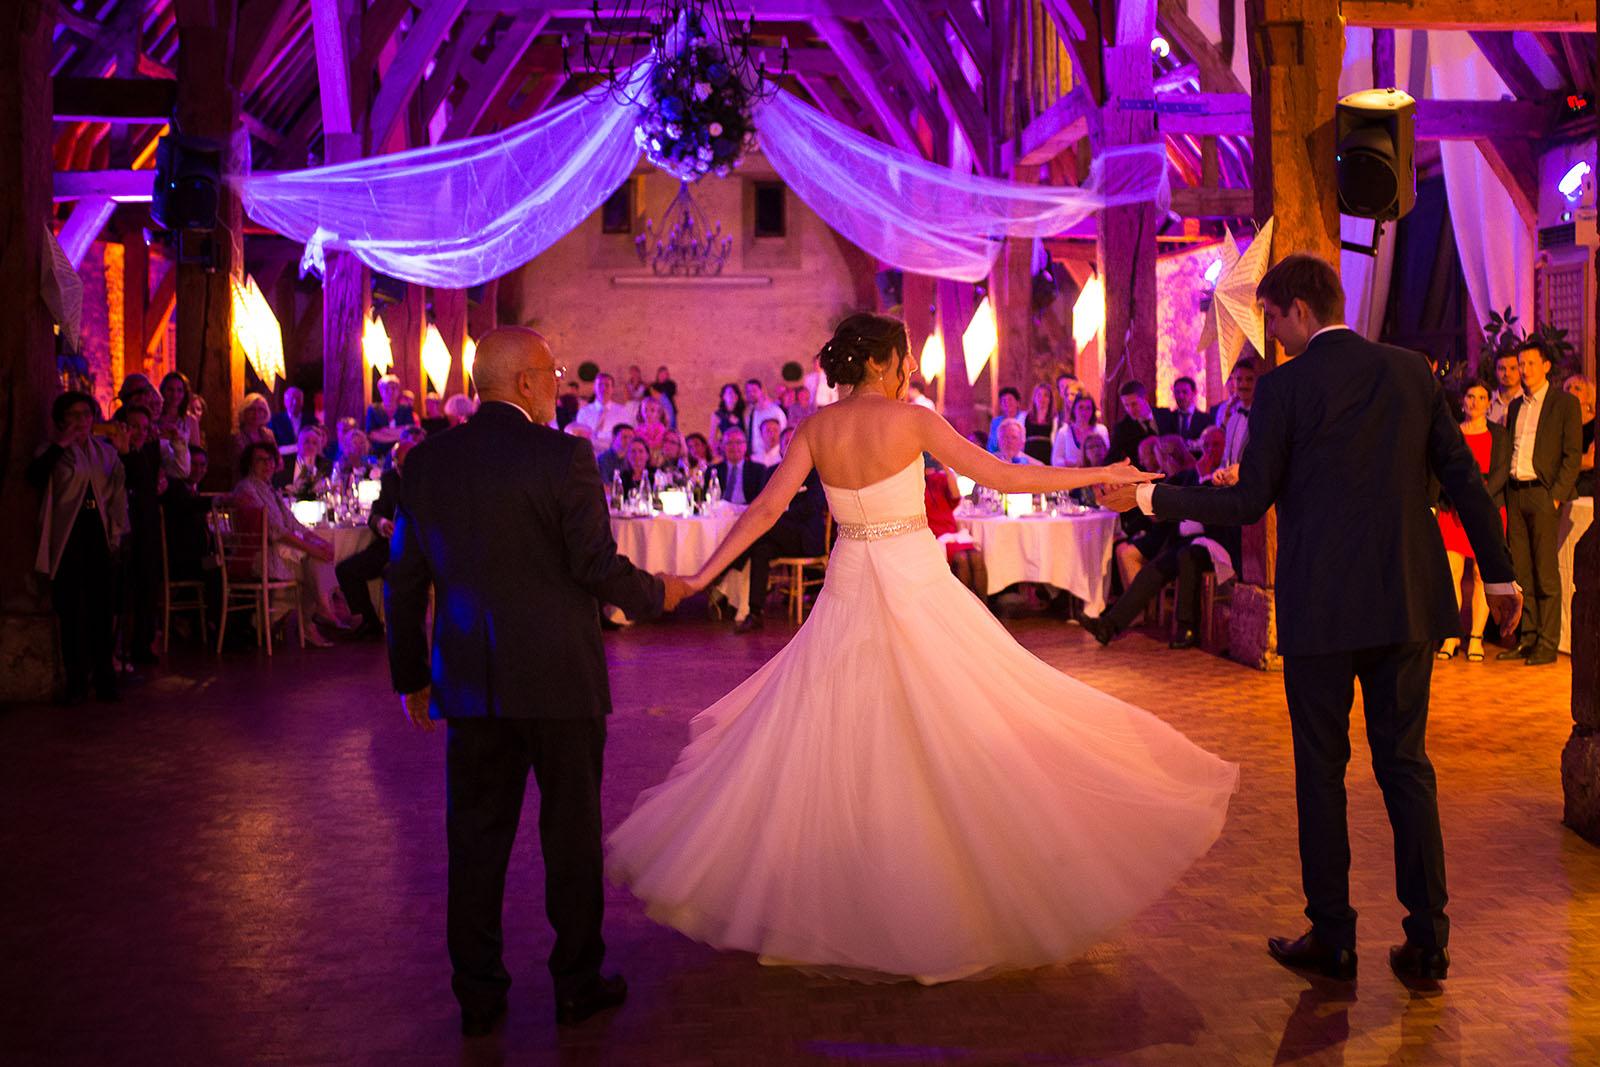 Mariage au Manoir de Corny en Normandie. Danse avec le papa de la mariée puis le marié